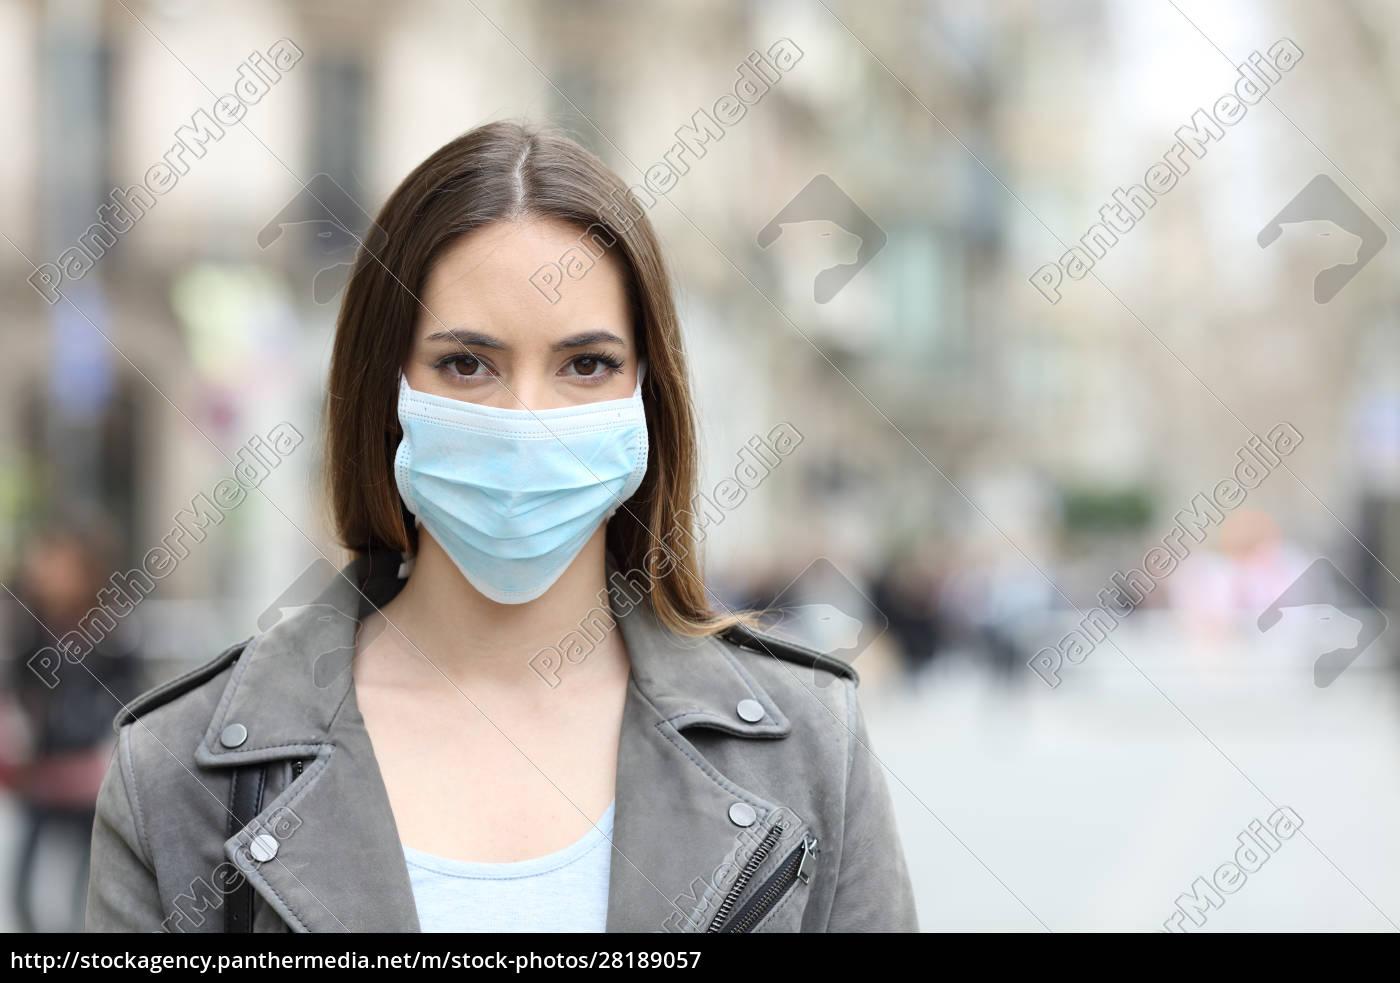 frau, mit, schutzmaske, mit, blick, auf - 28189057